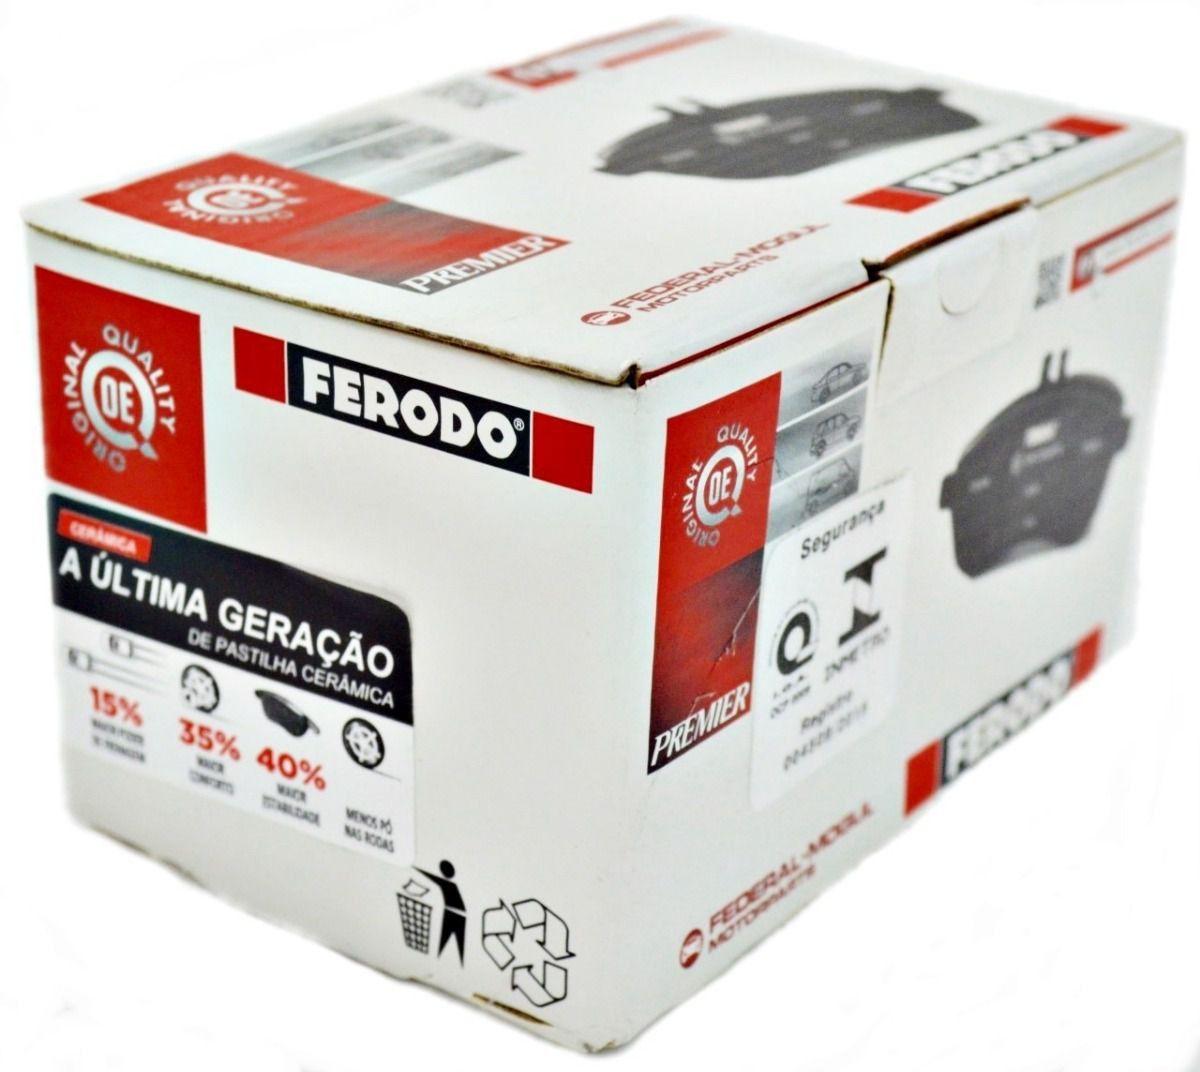 PASTILHA DE FREIO TRASEIRA CERAMICA PEUGEOT 308 408 THP SISTEMA FREIO TRW C3 C4 307 Fluence HQF2085C  - Unicar